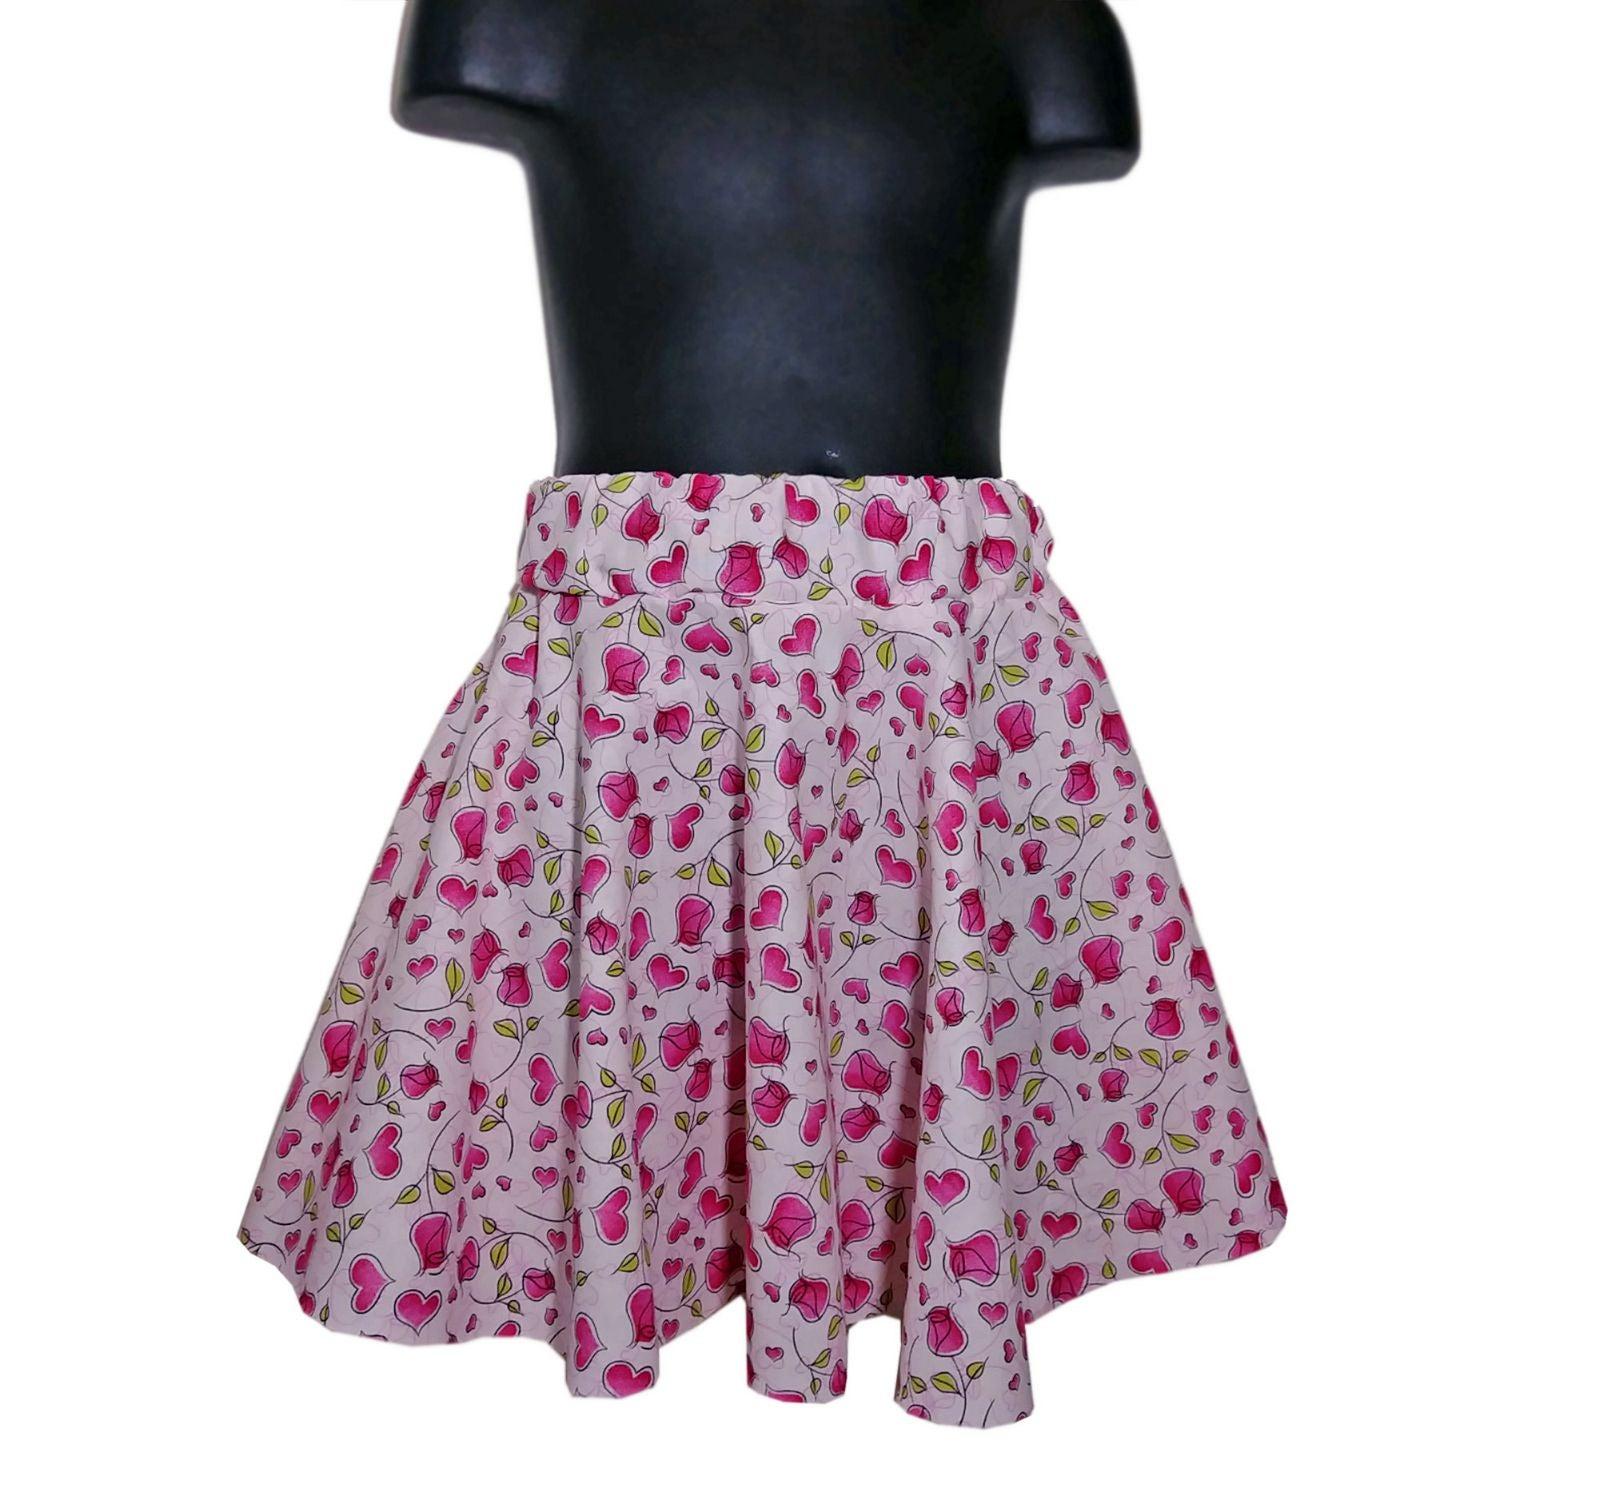 Little Girls Valentine Skirt, pink skirt